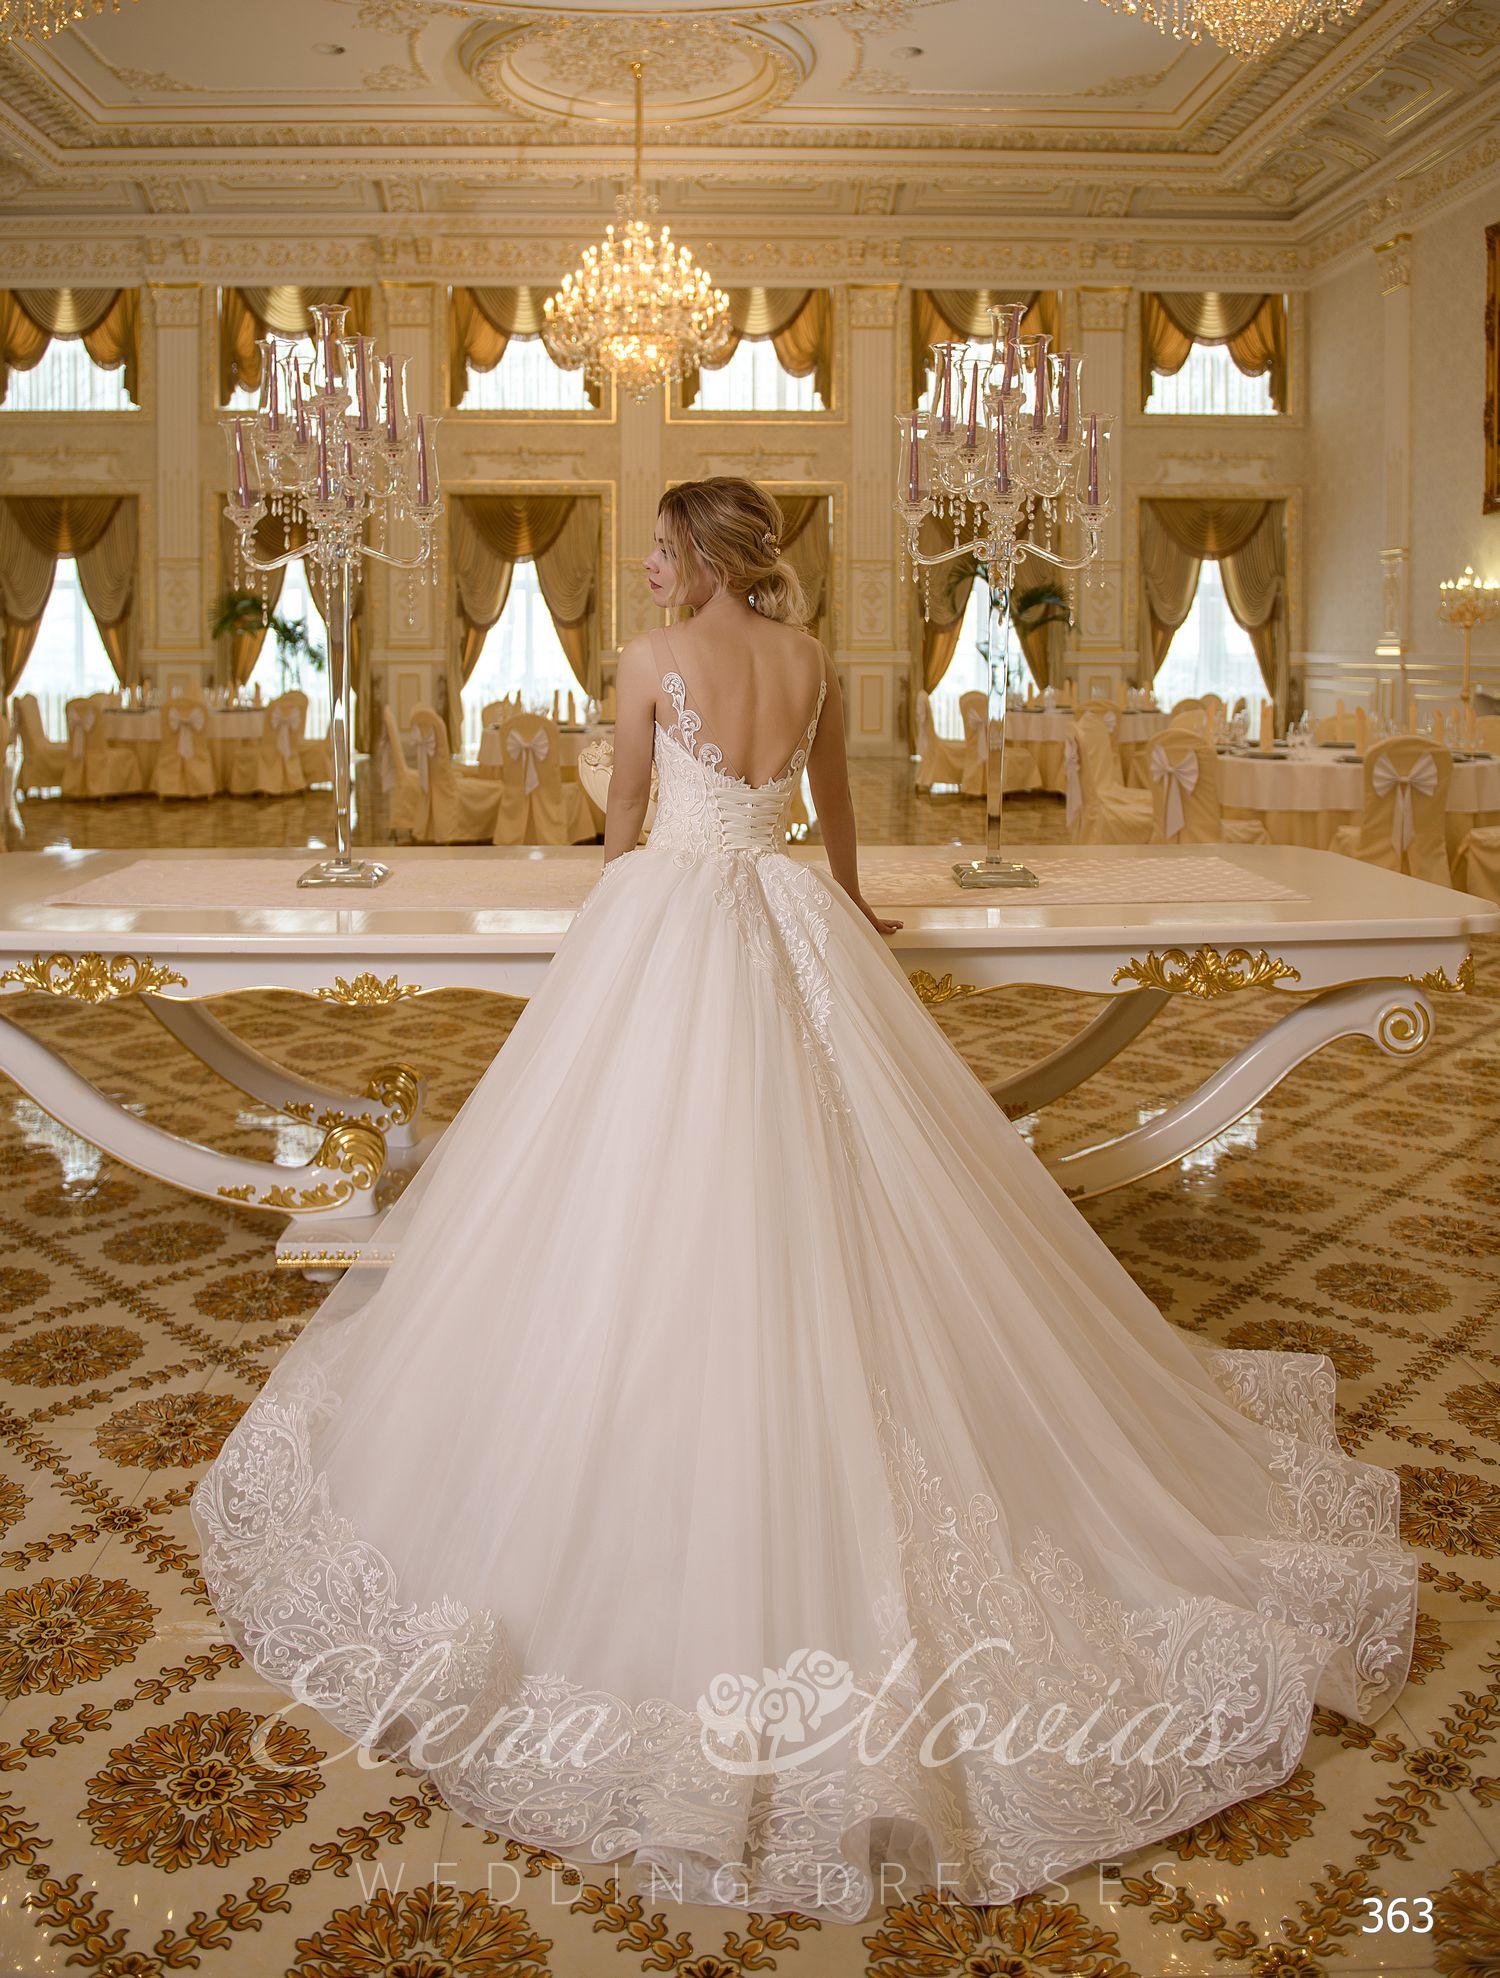 697126f73ce Белое пышное свадебное платье с расшытым корсетом